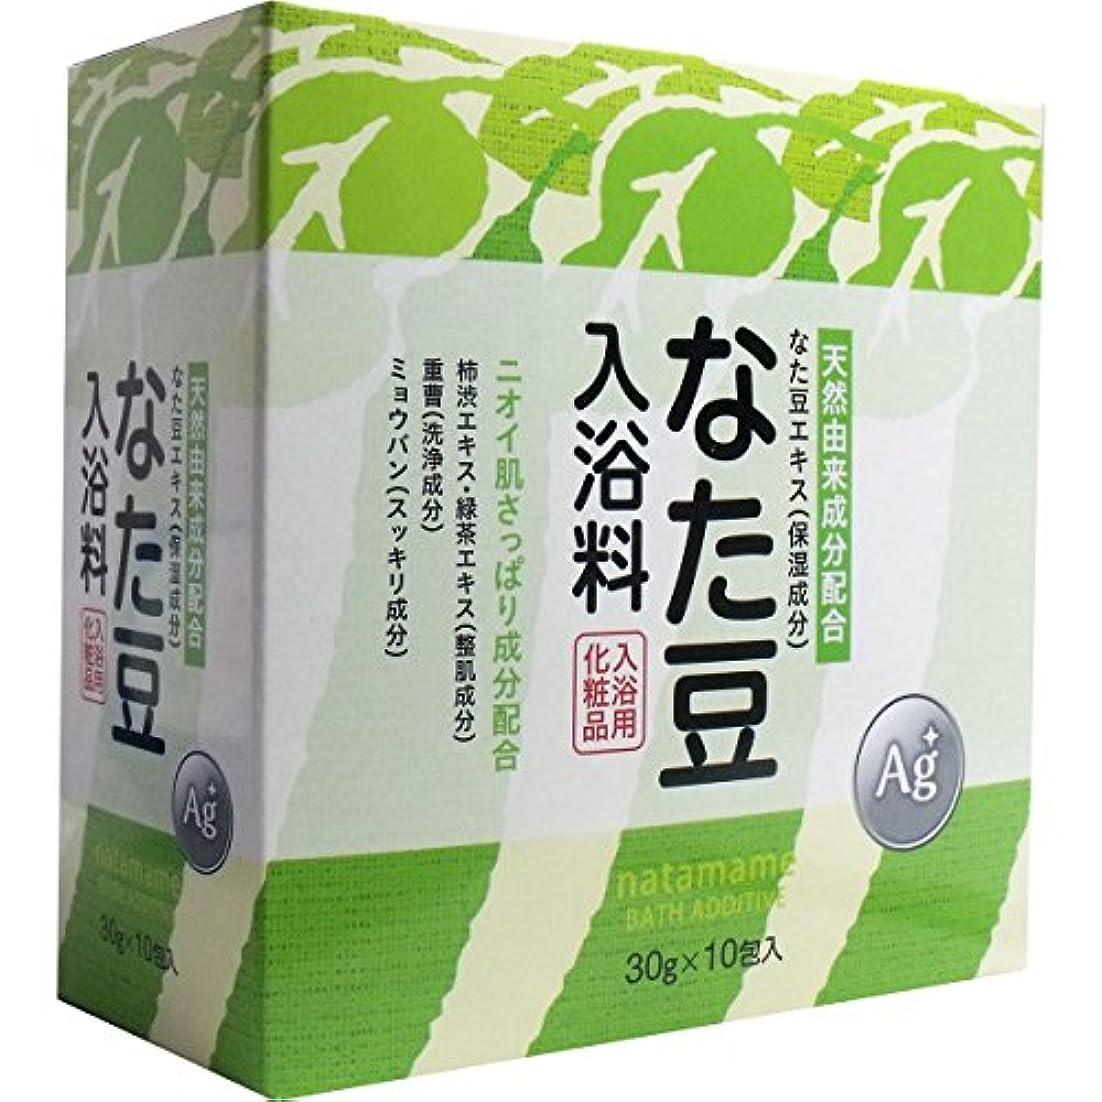 治世通訳修正なた豆入浴料 入浴用化粧品 30g×10包入×10